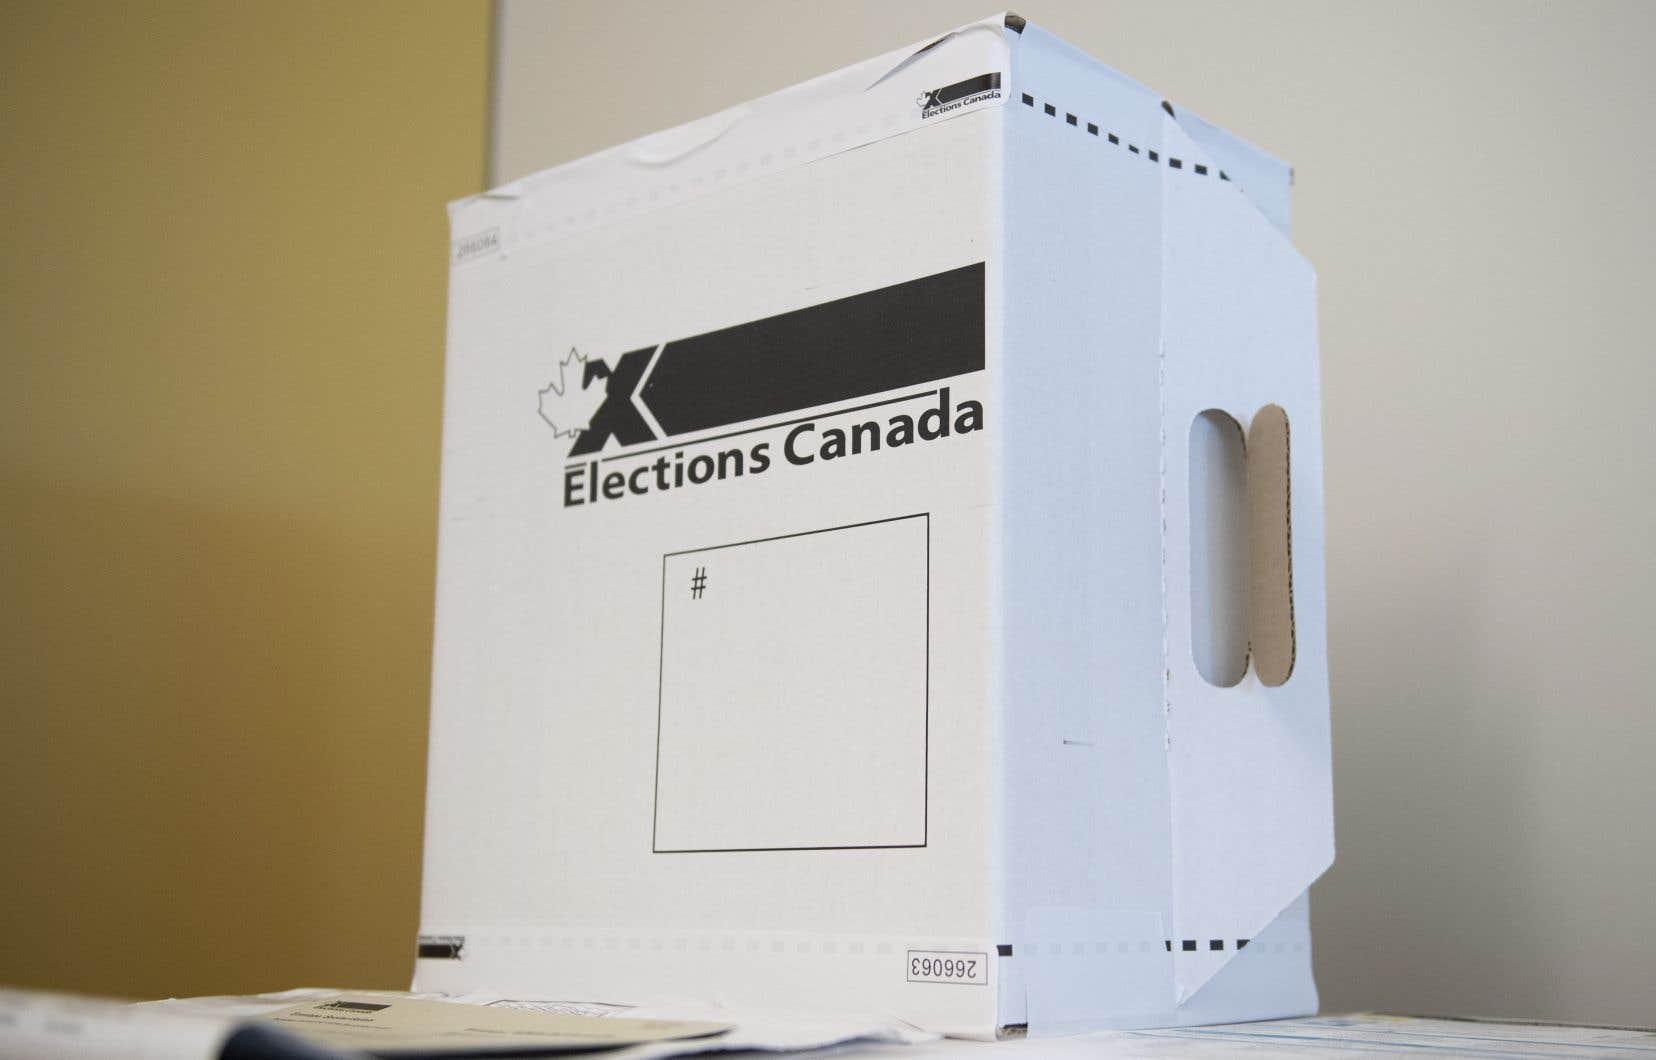 Les électeurs pourraient avoir à aller voter dans des endroits inhabituels ou à aller un peu plus loin pour déposer leur bulletin dans l'urne.